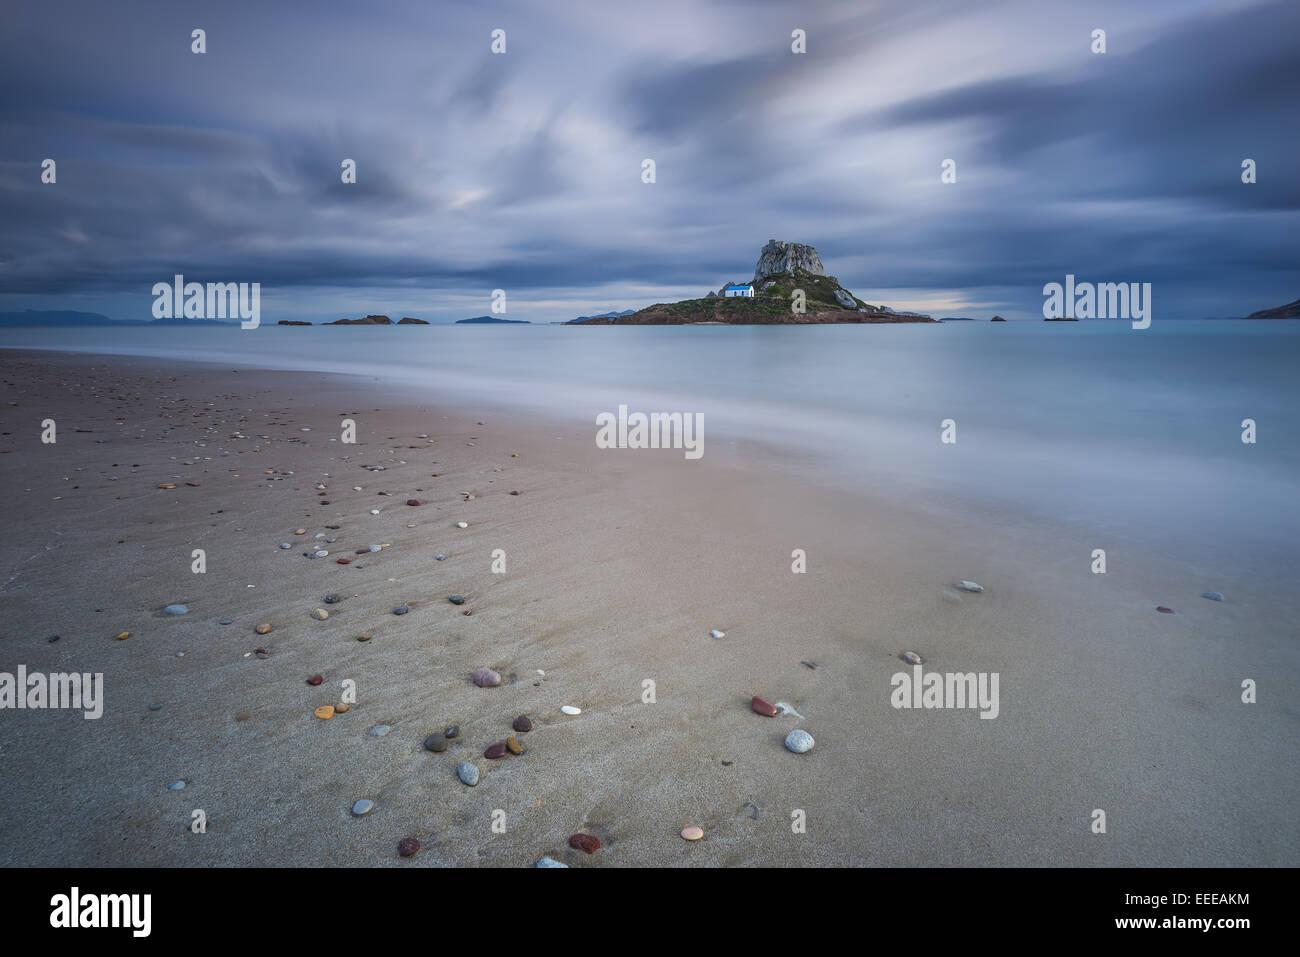 Kastri island in Kos Greece - Stock Image